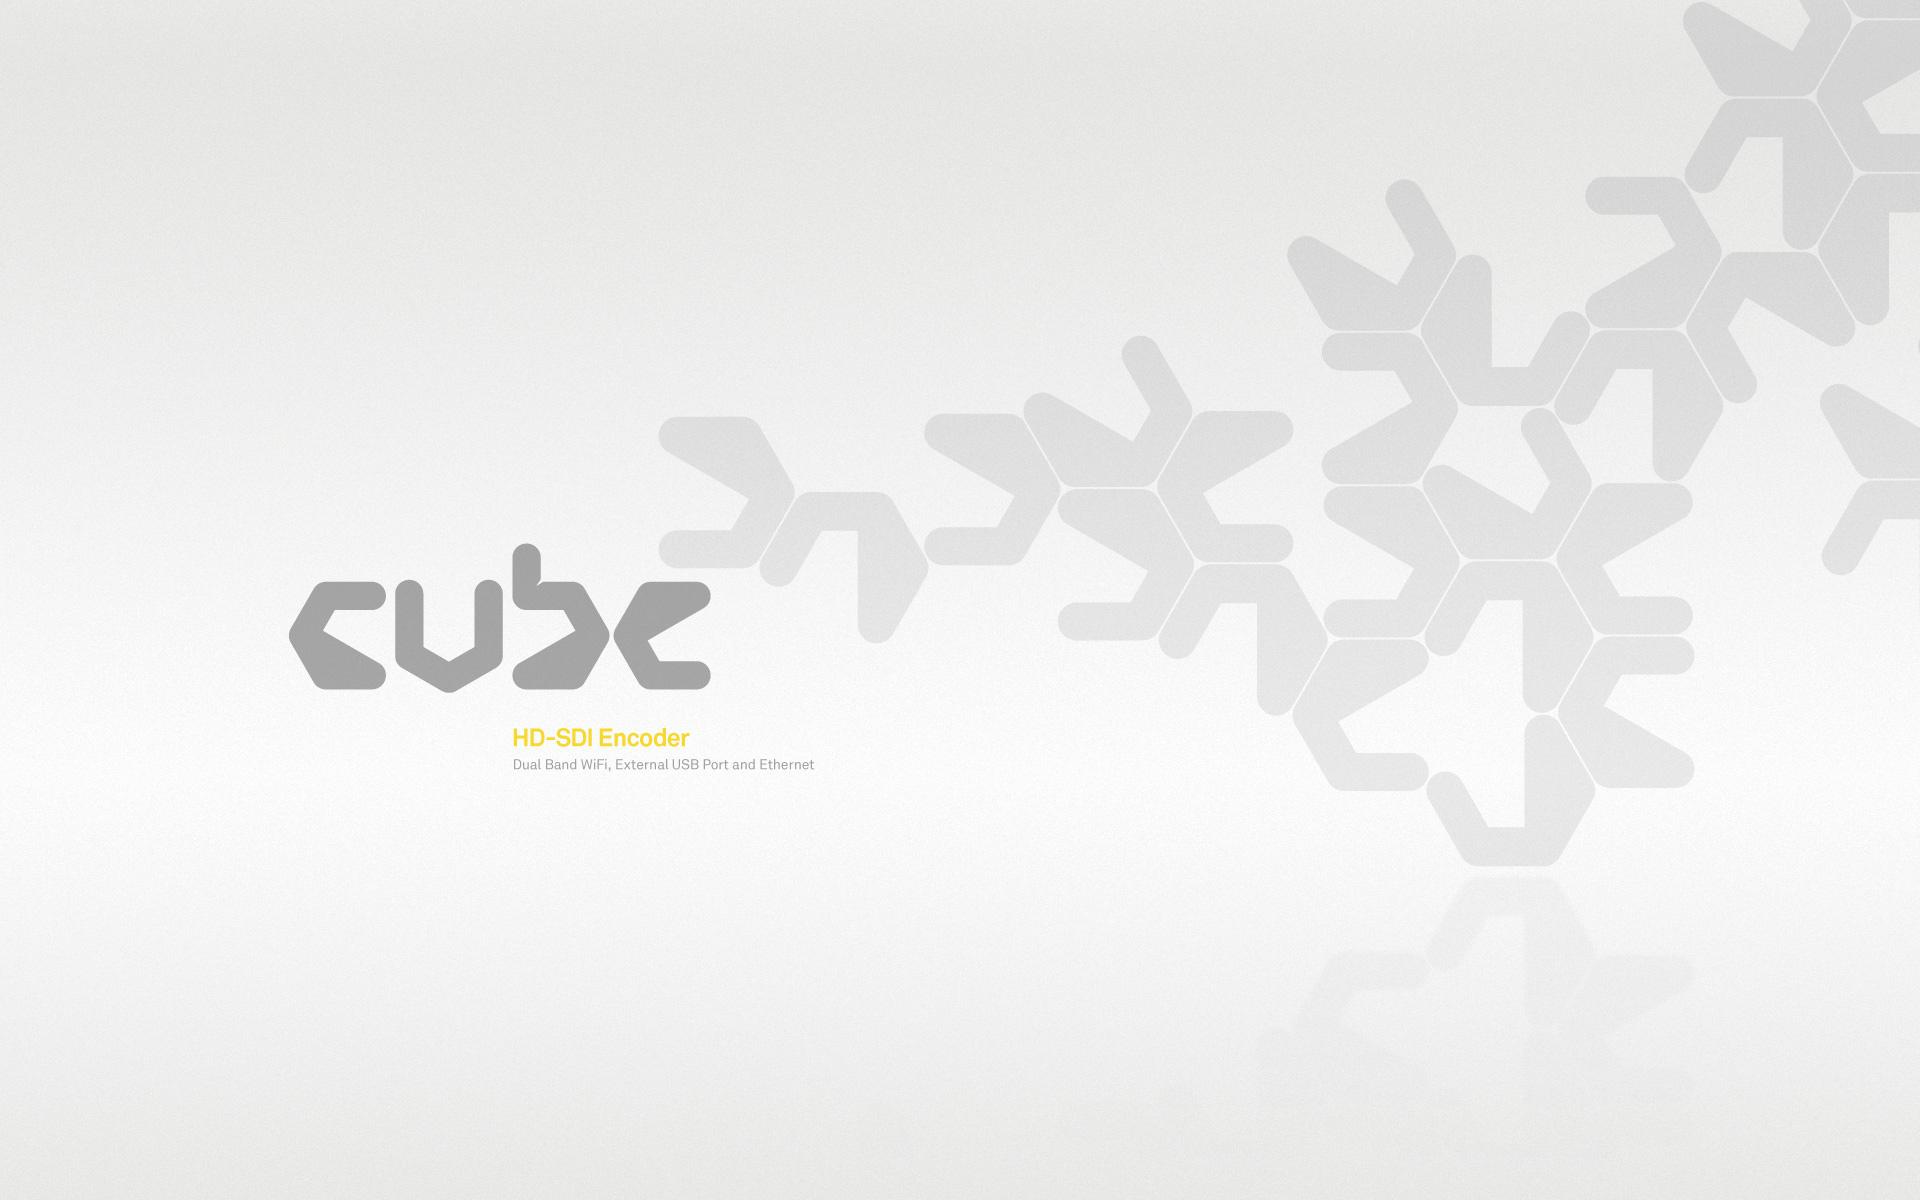 cube_slide2.jpg